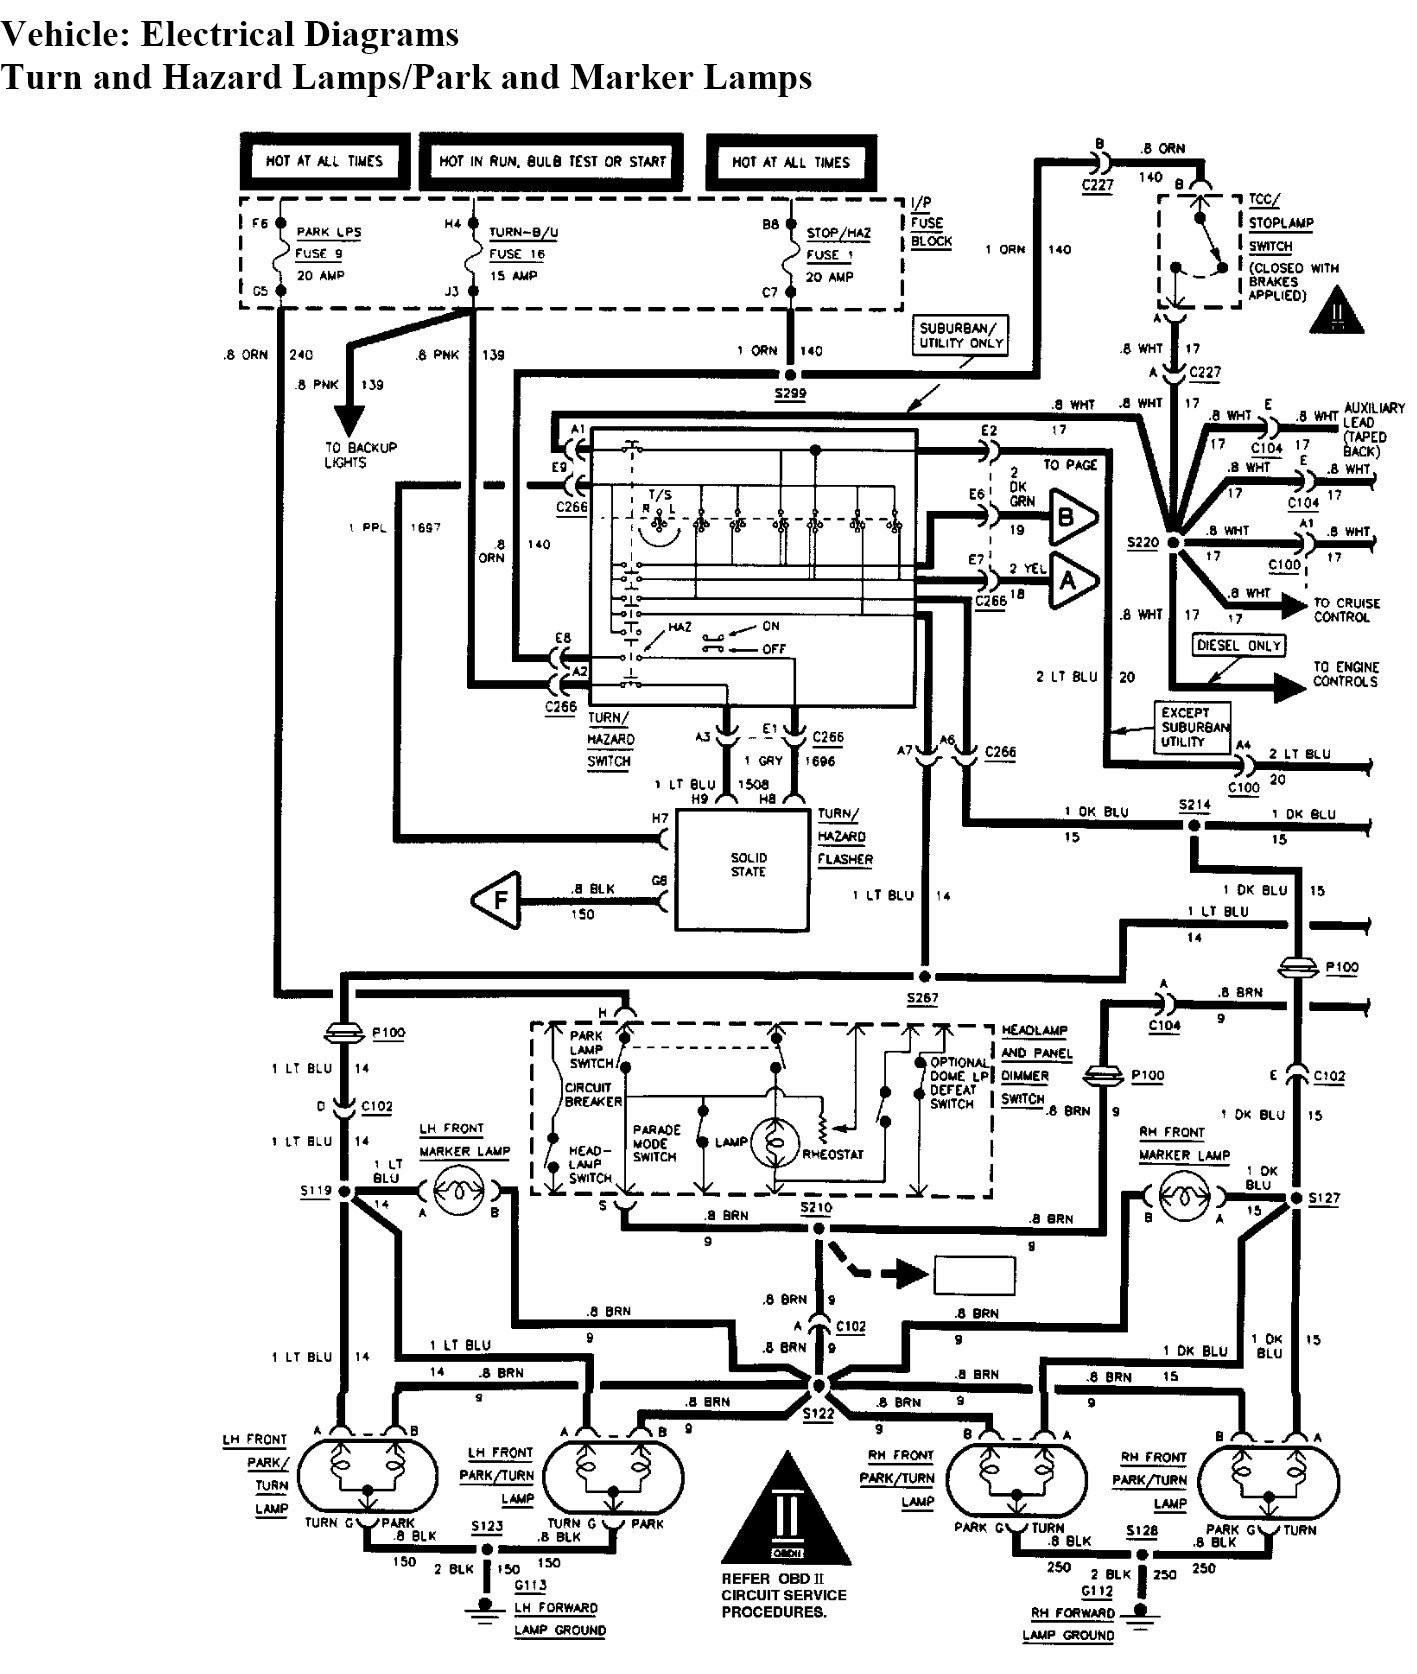 2003 chevy tahoe interior parts diagram